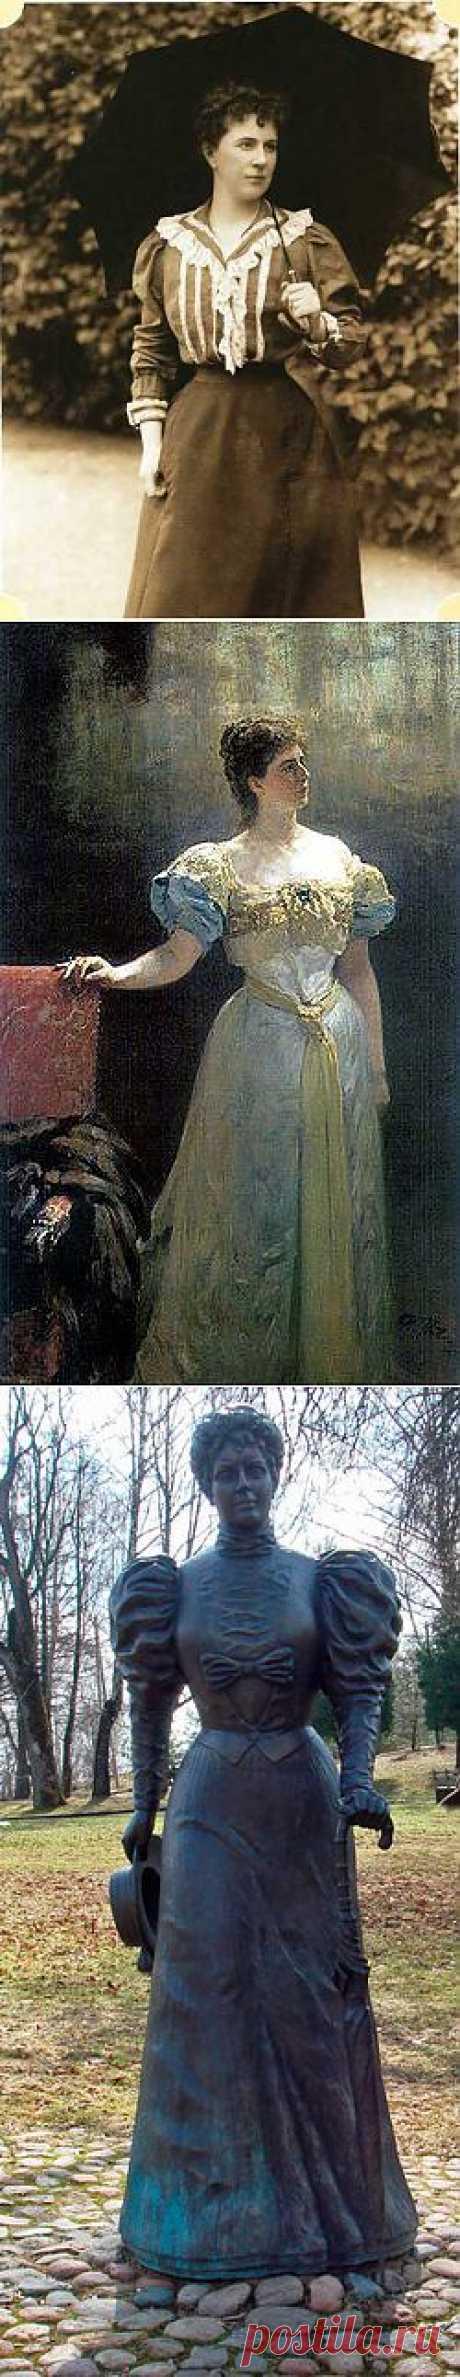 Женщины в русской истории. Мария Тенишева= | Искусство